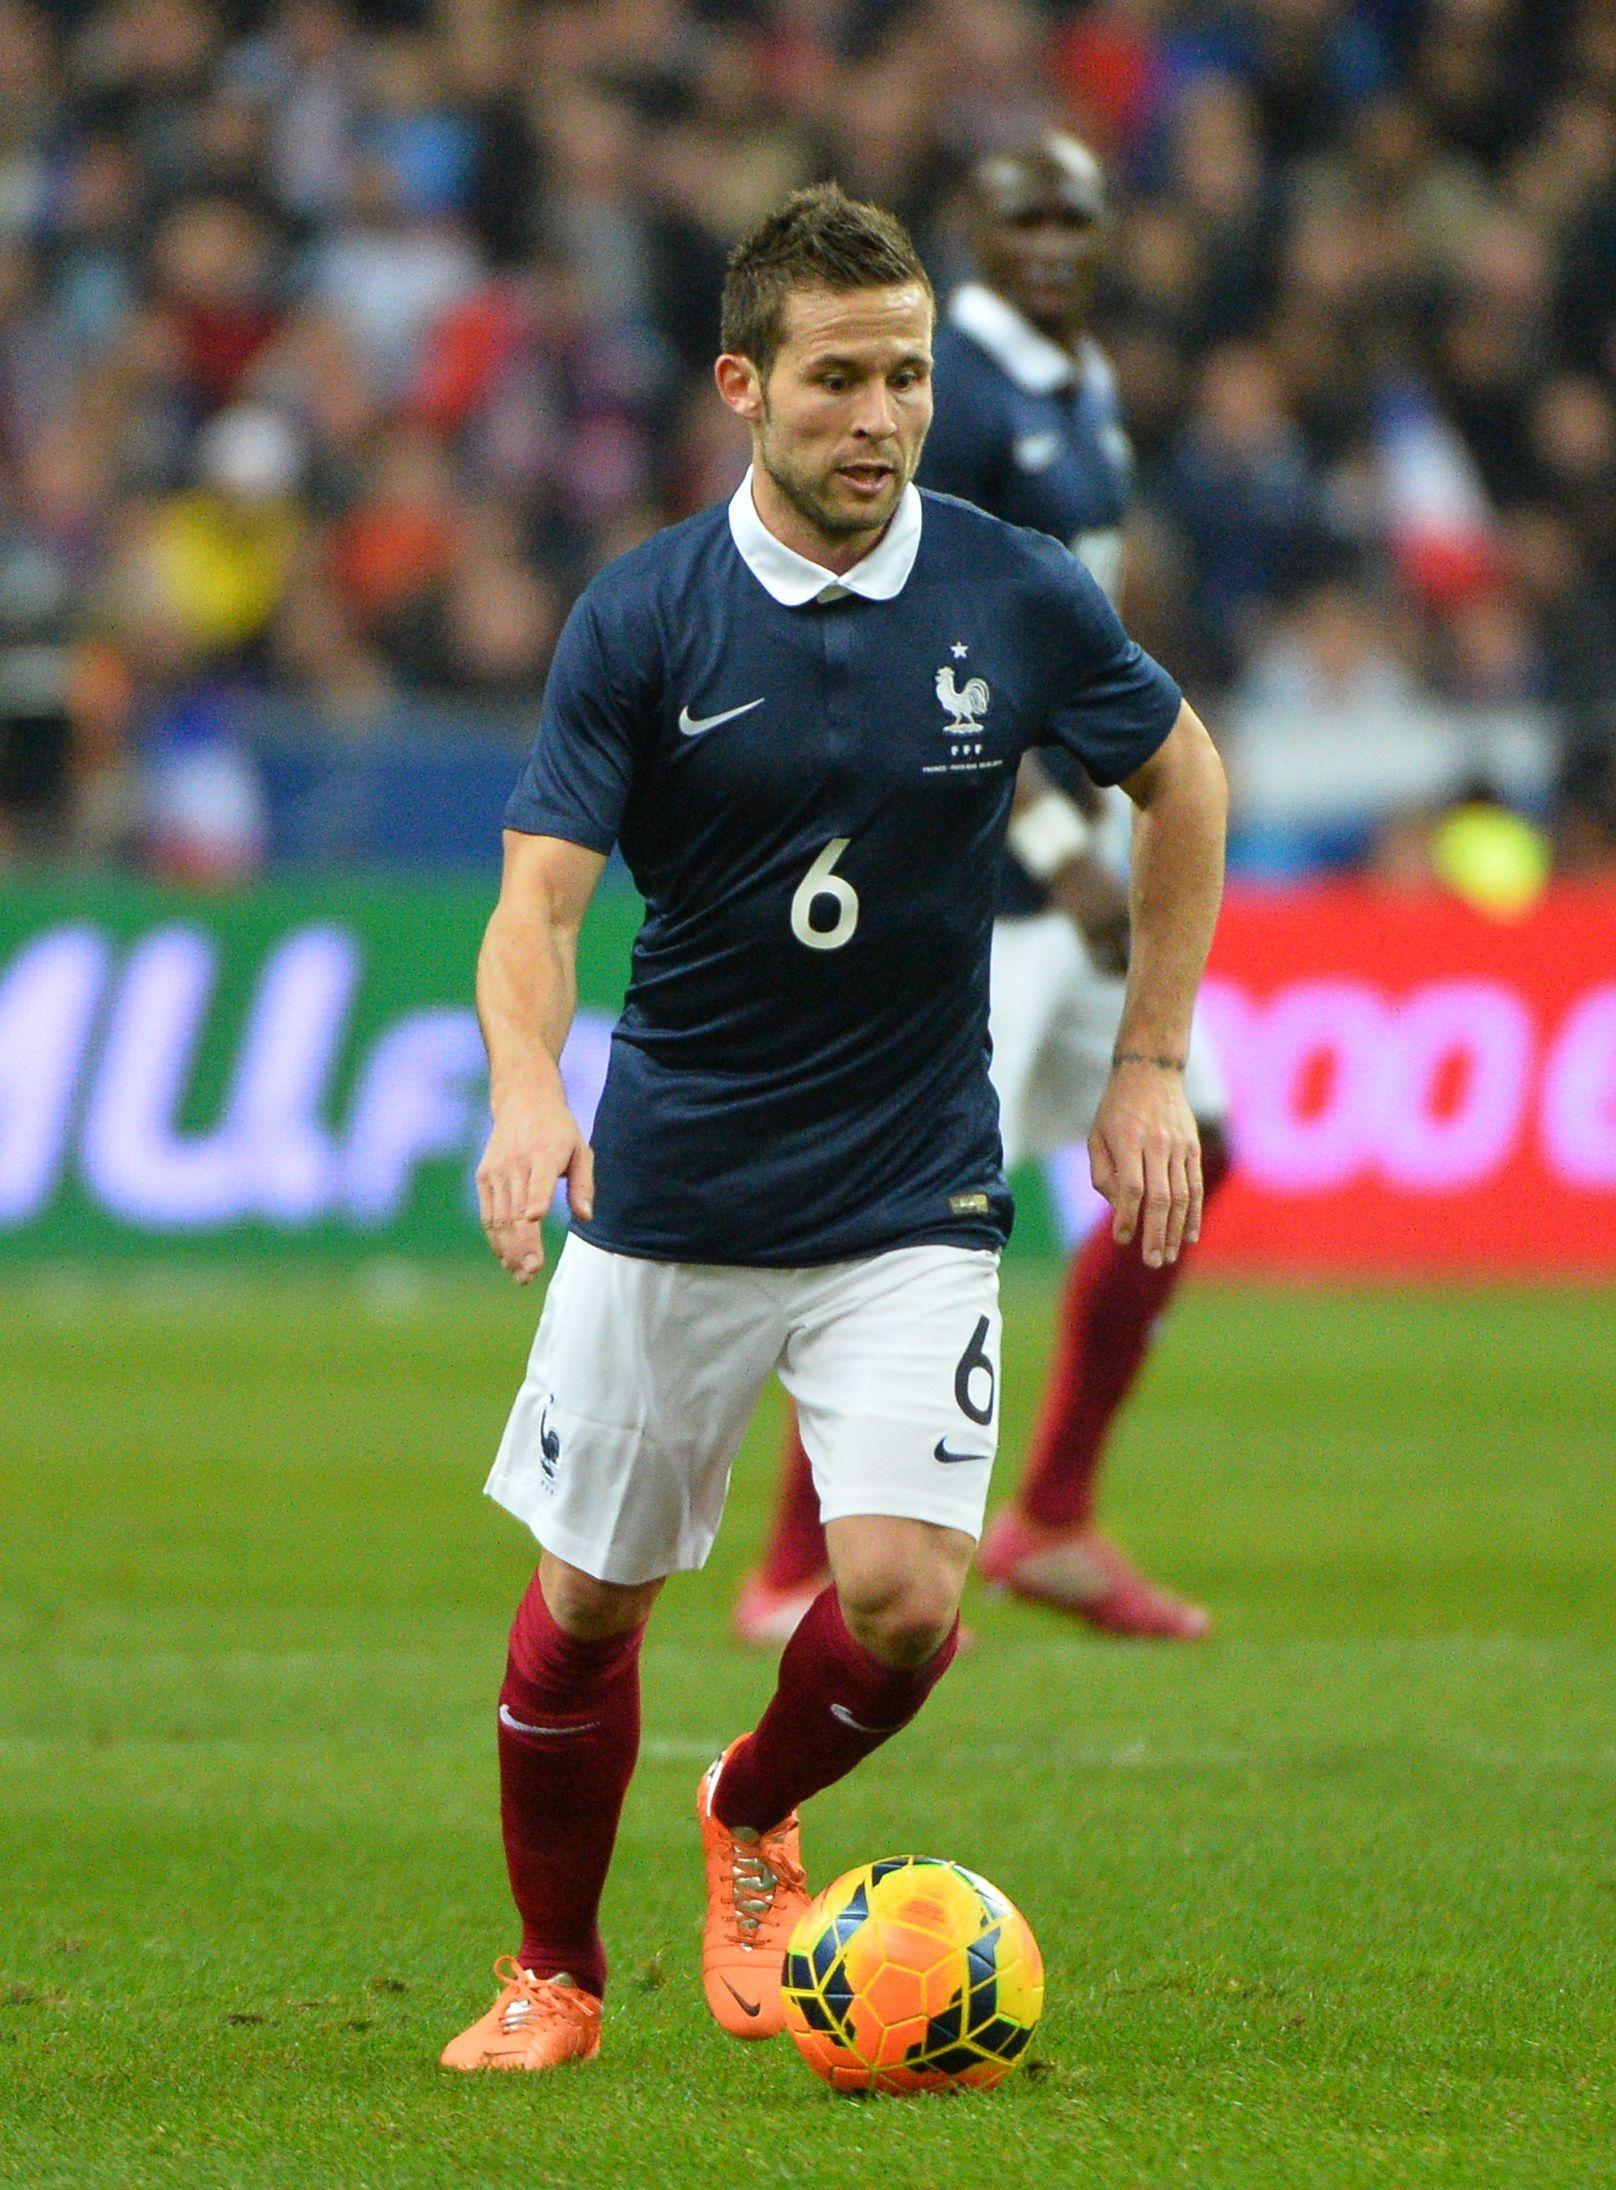 s Yohan Cabaye élu joueur de foot le plus de Ligue 1